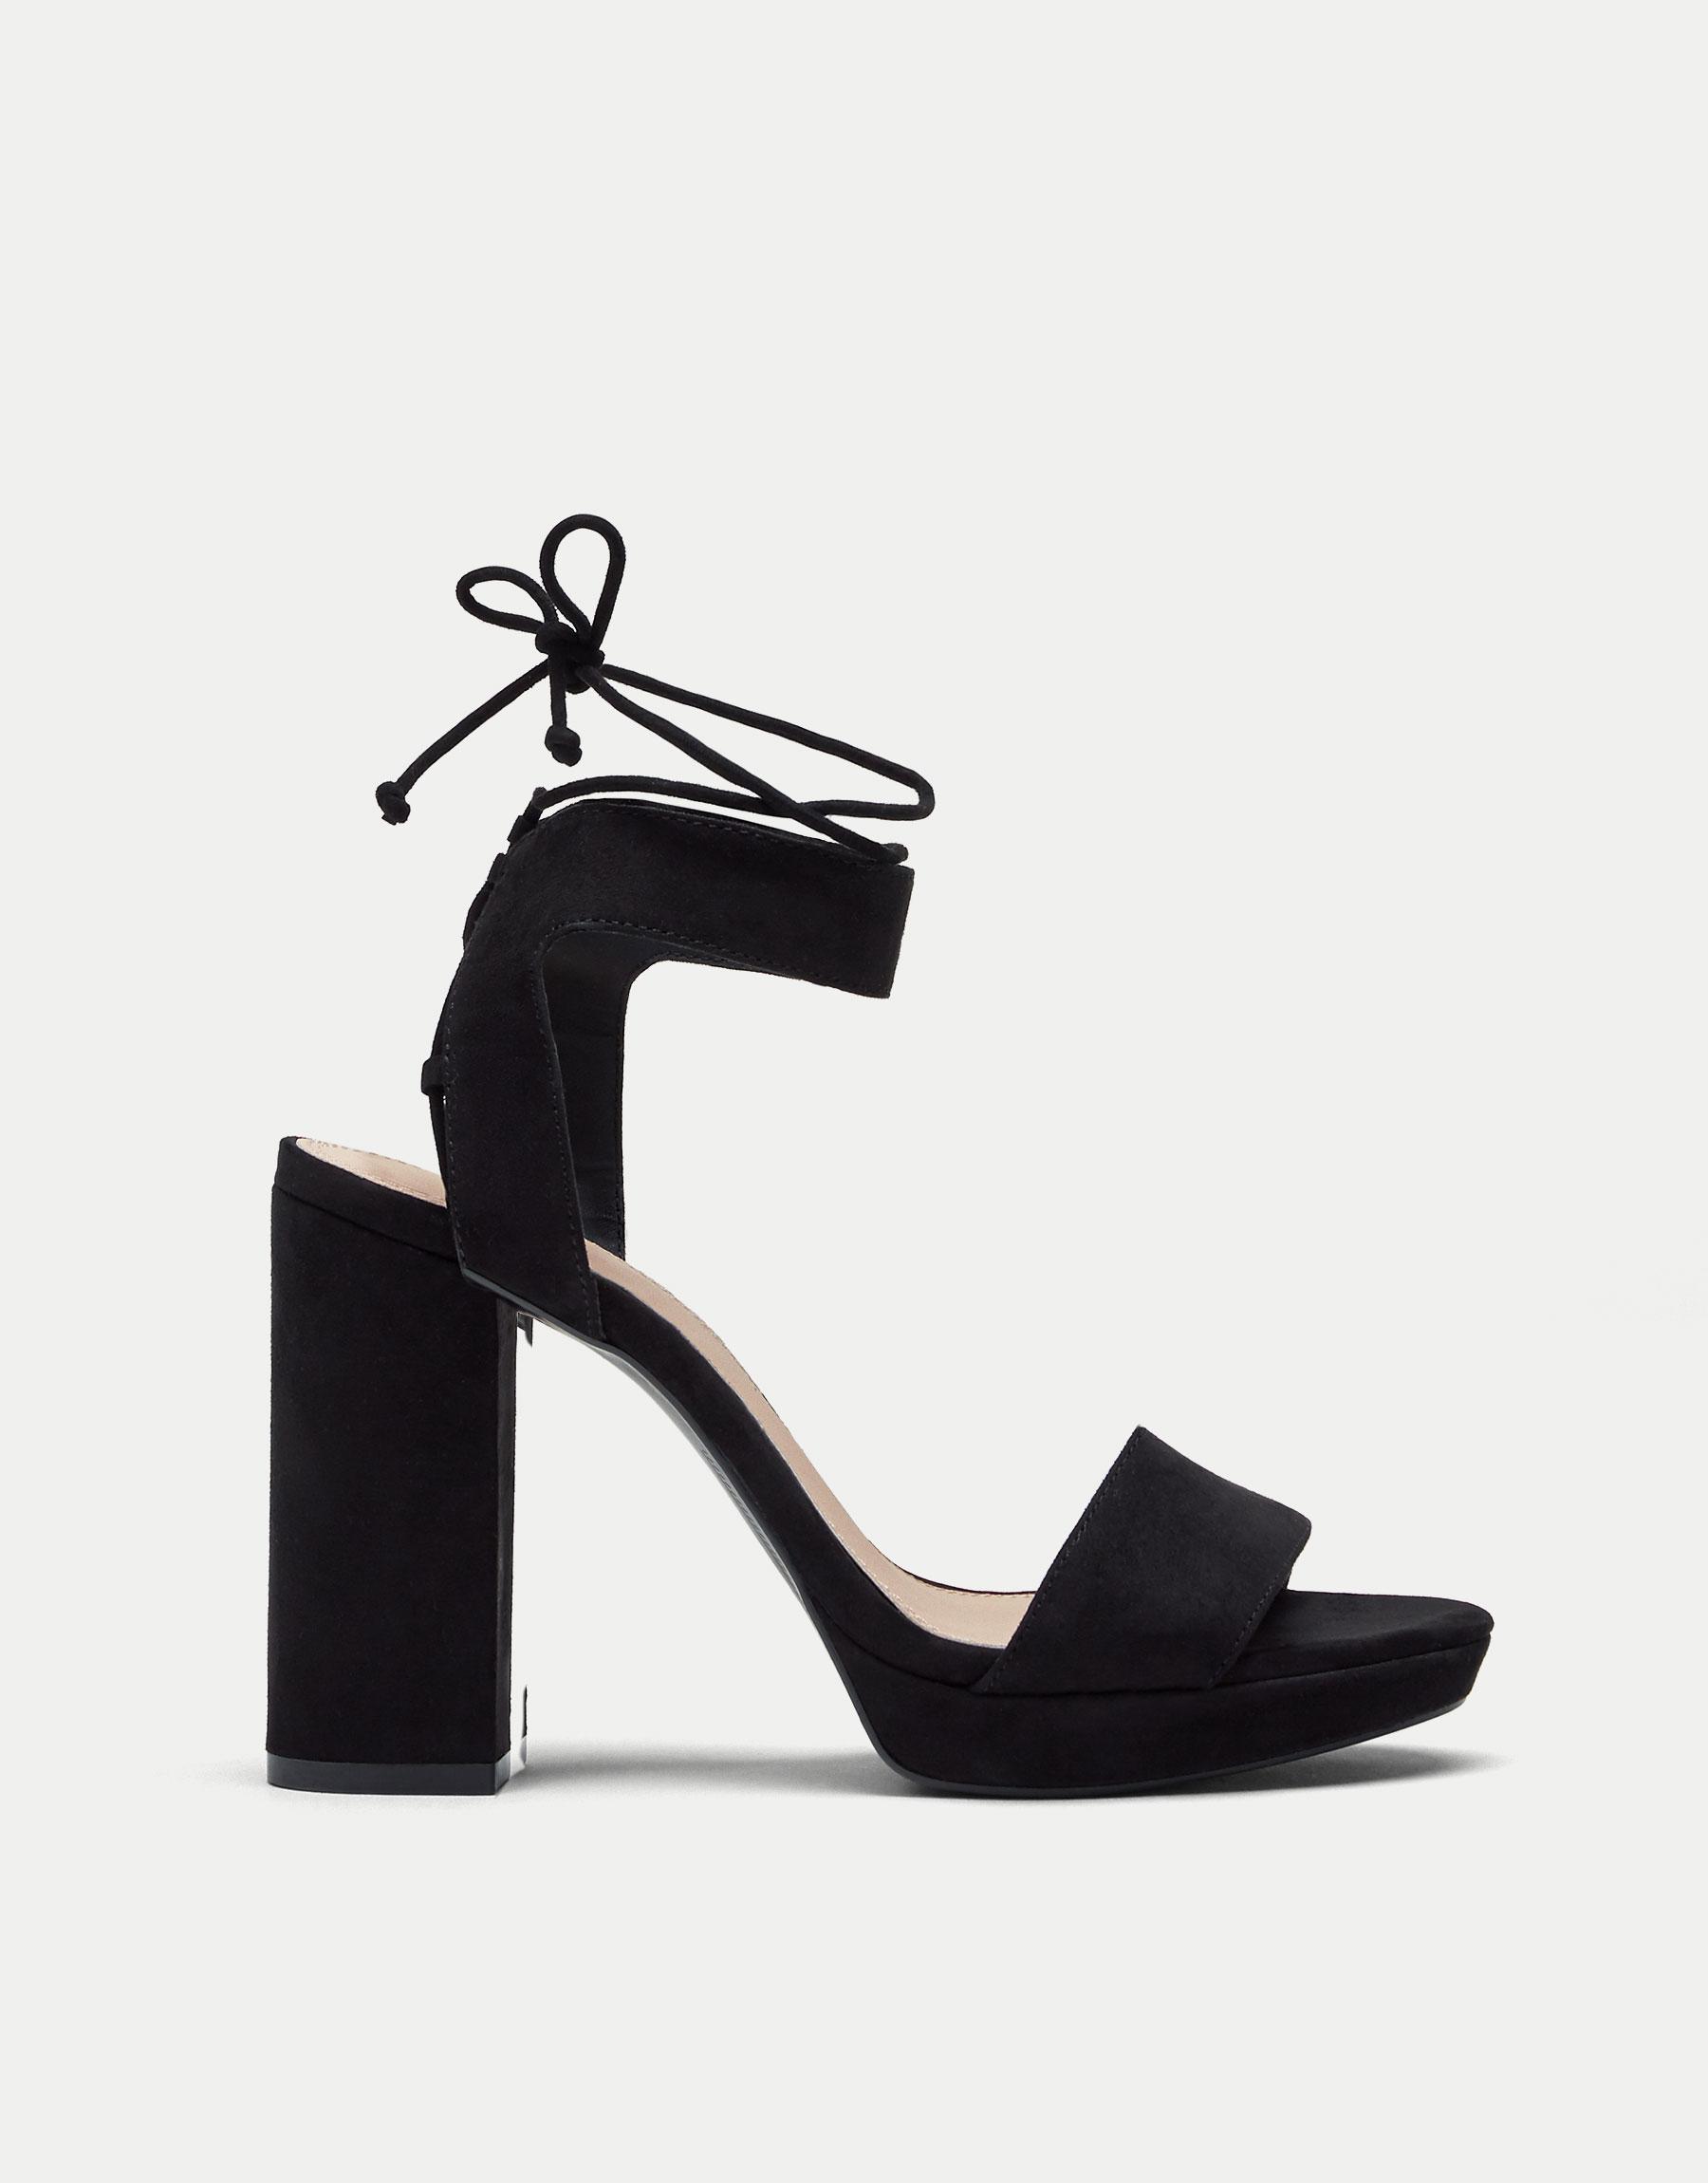 Sandale à talon et bride cheville noire